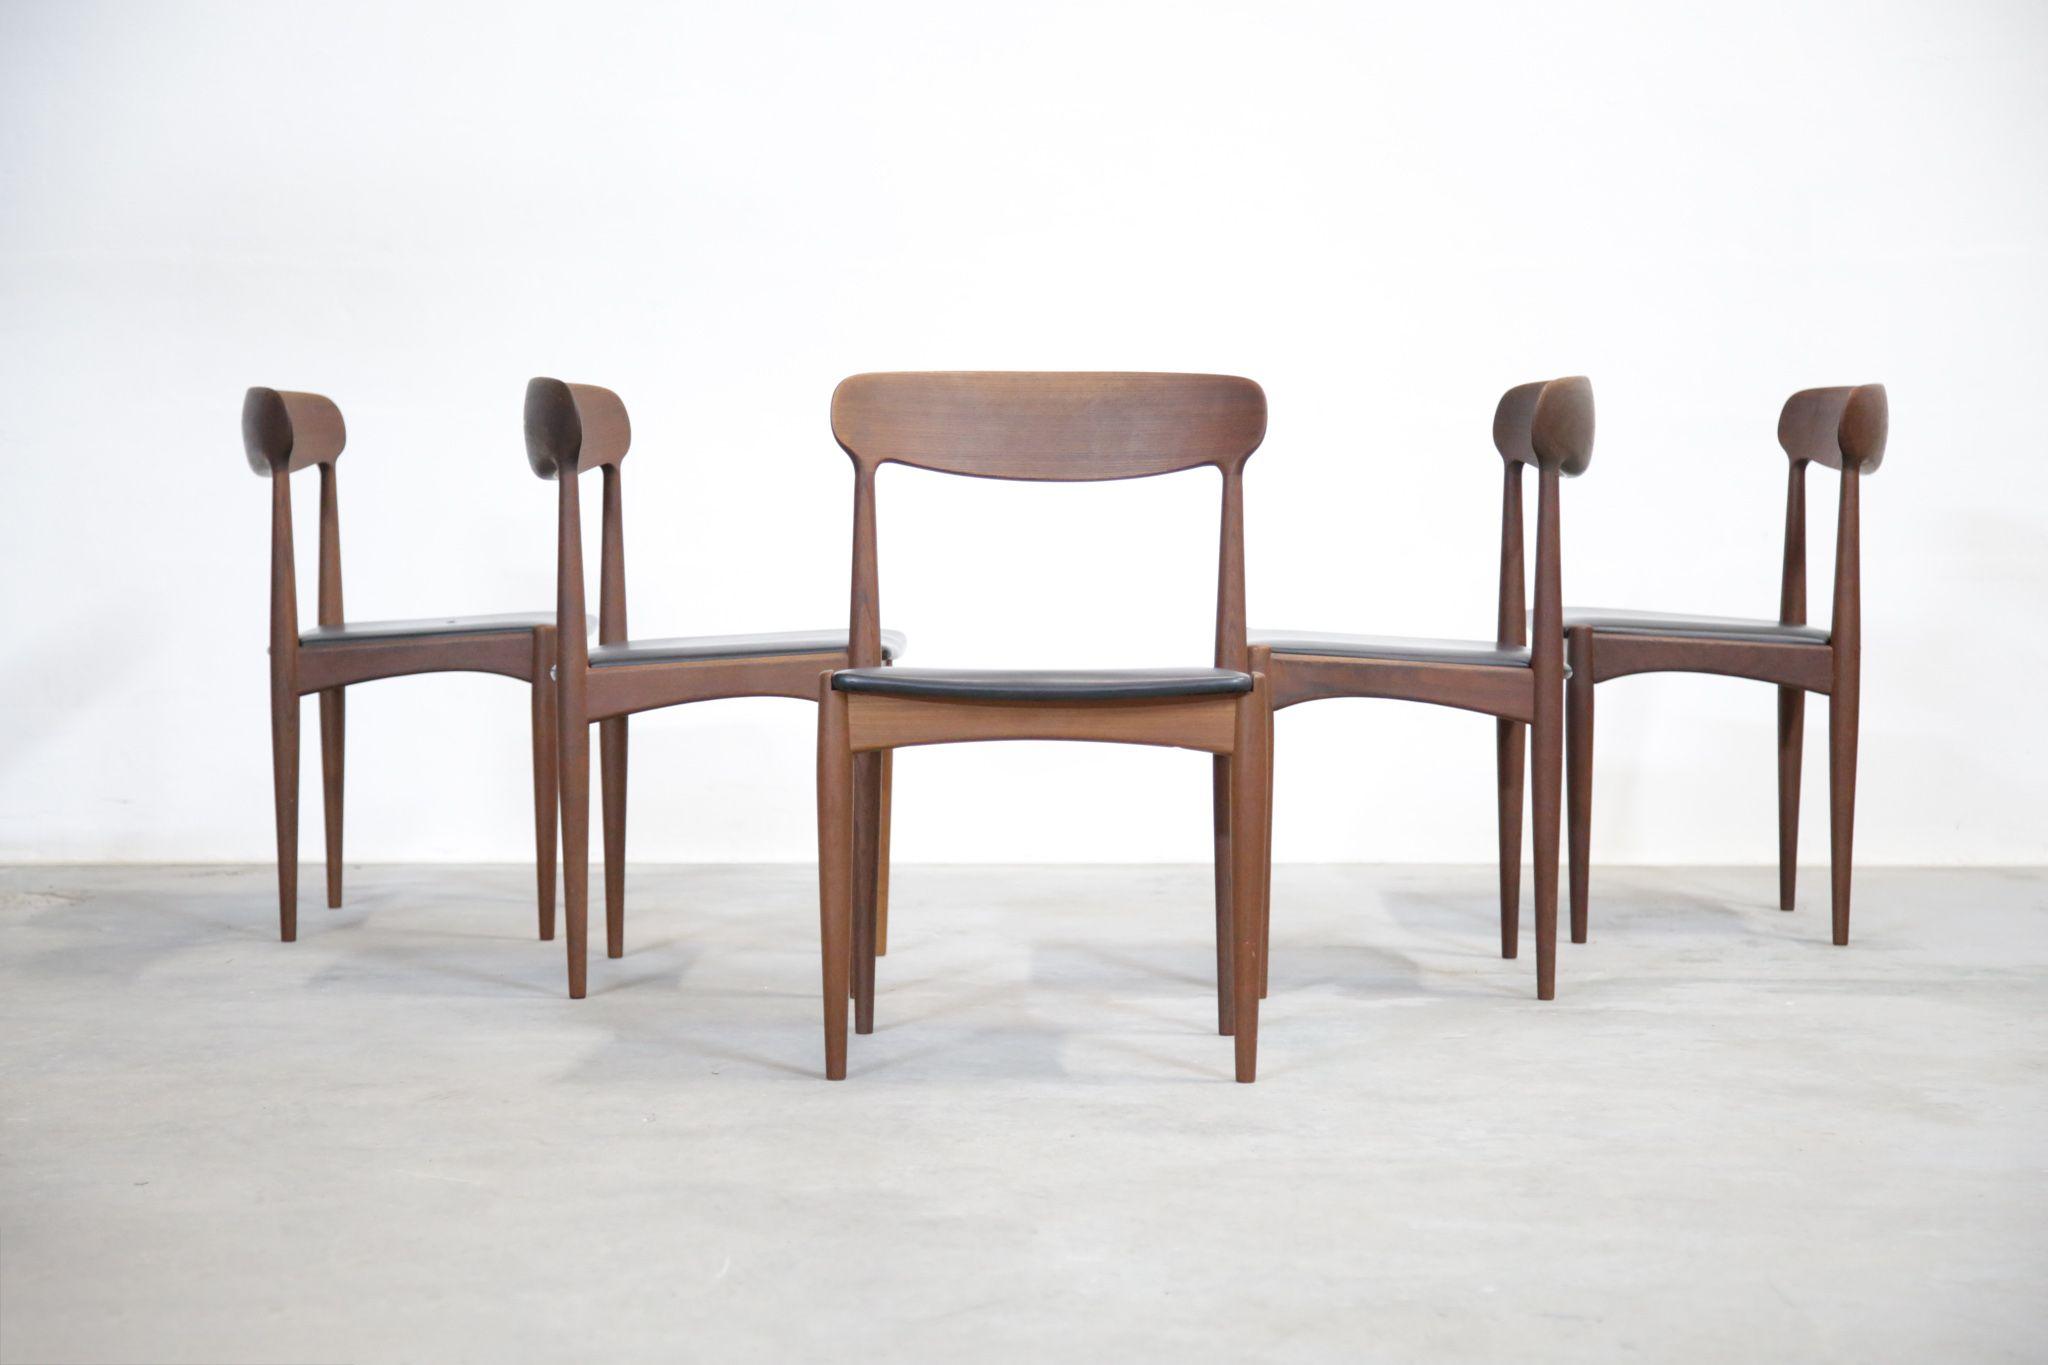 suite de 5 chaises danoise johannes andersen dining chair scandinave design vintage chaises scandinaves du - Chaise Danoise